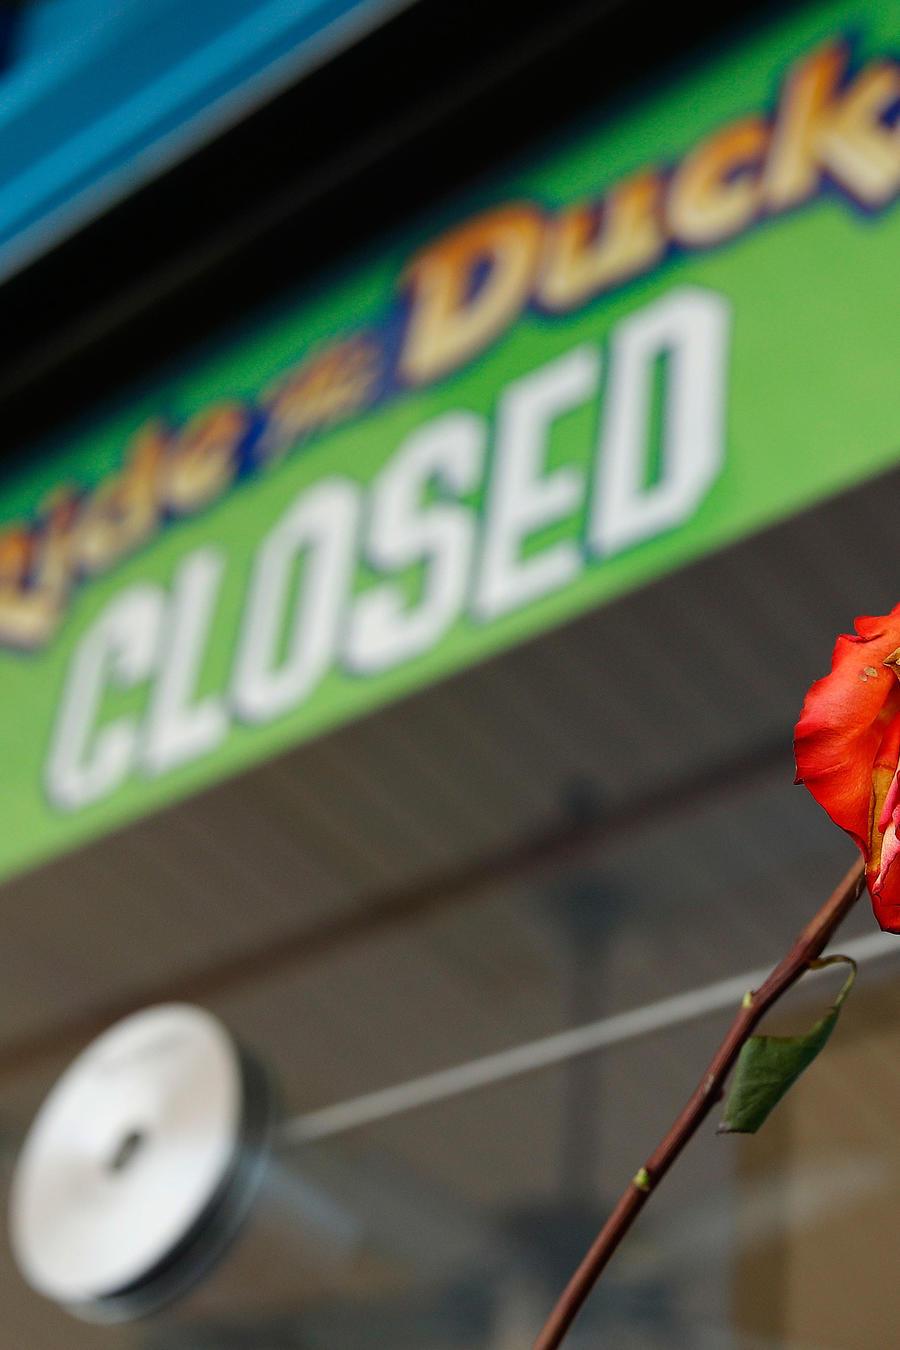 Kiosko de venta de boletos para embarcación turística en Misuri con el cartel de cerrado